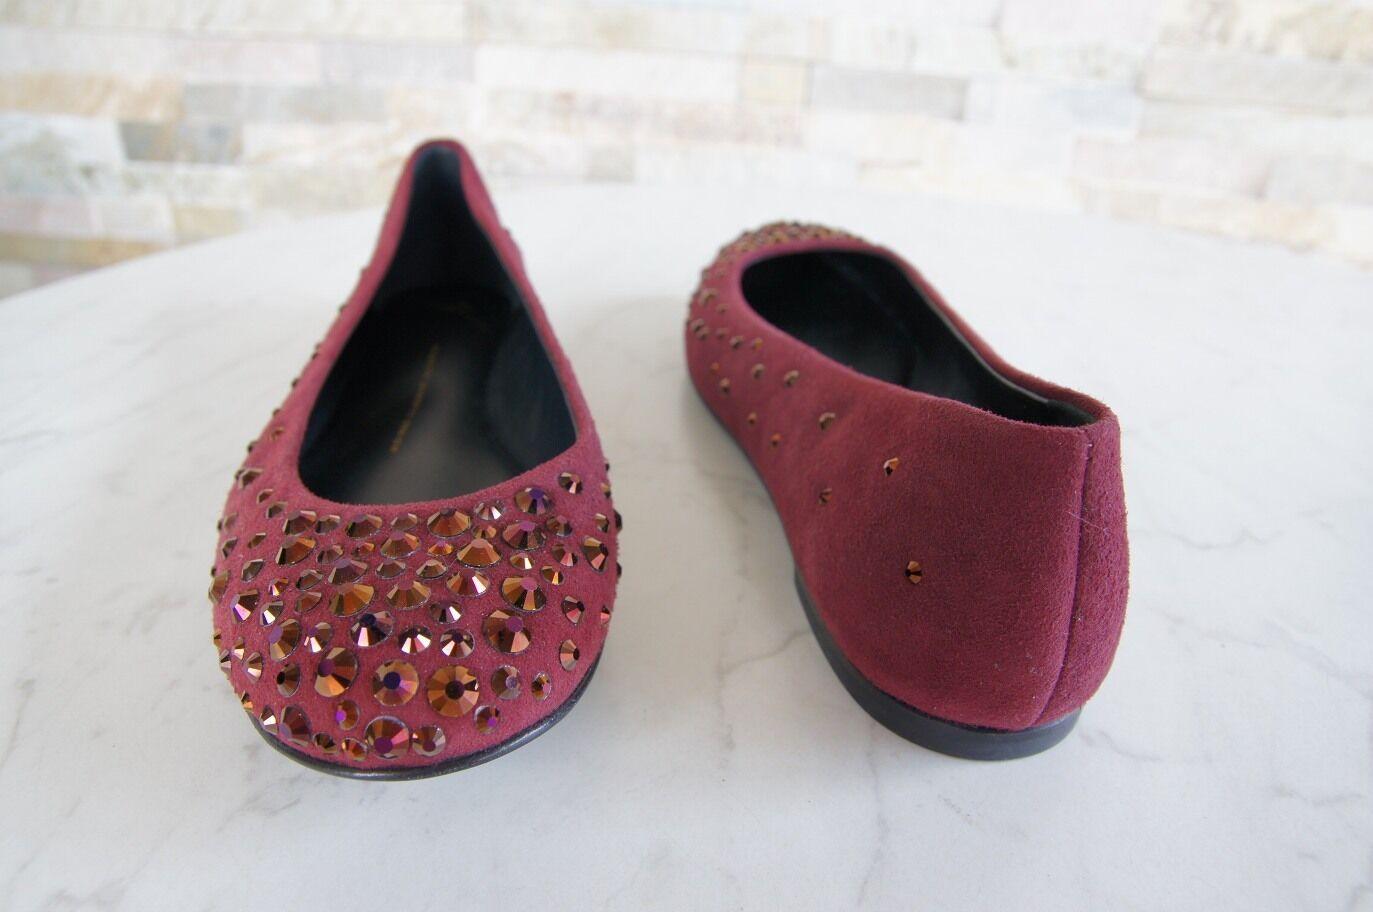 Giuseppe Zanotti Gr 37,5 Ballerinas I26123 Schuhe schuhe schuhe Schuhe pinot ROT NEU 1705fd